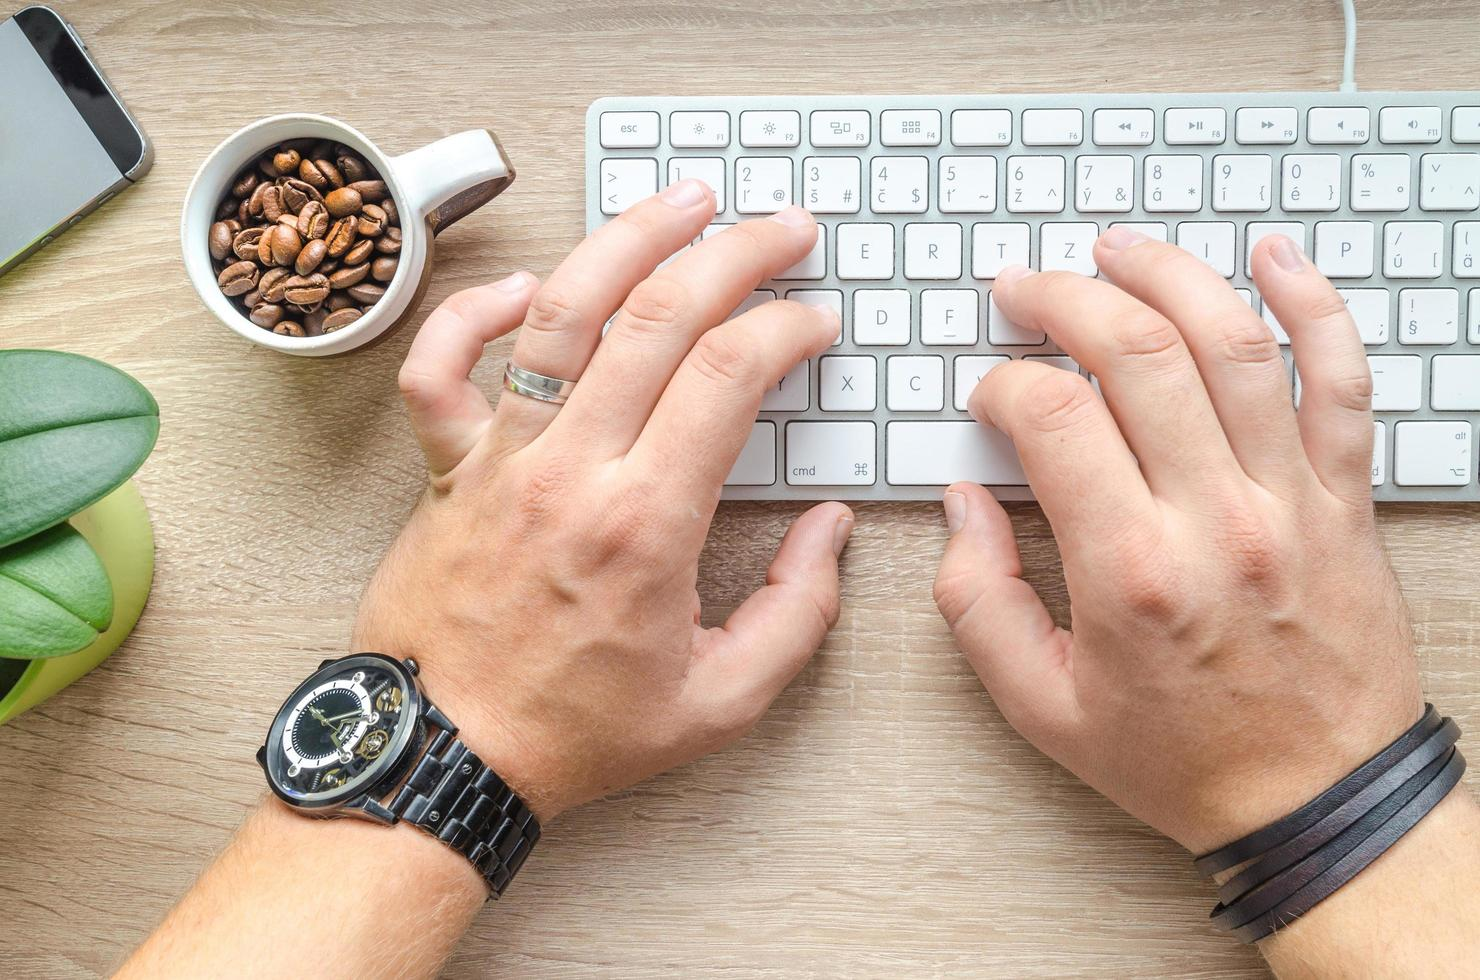 homme écrivant sur un clavier photo